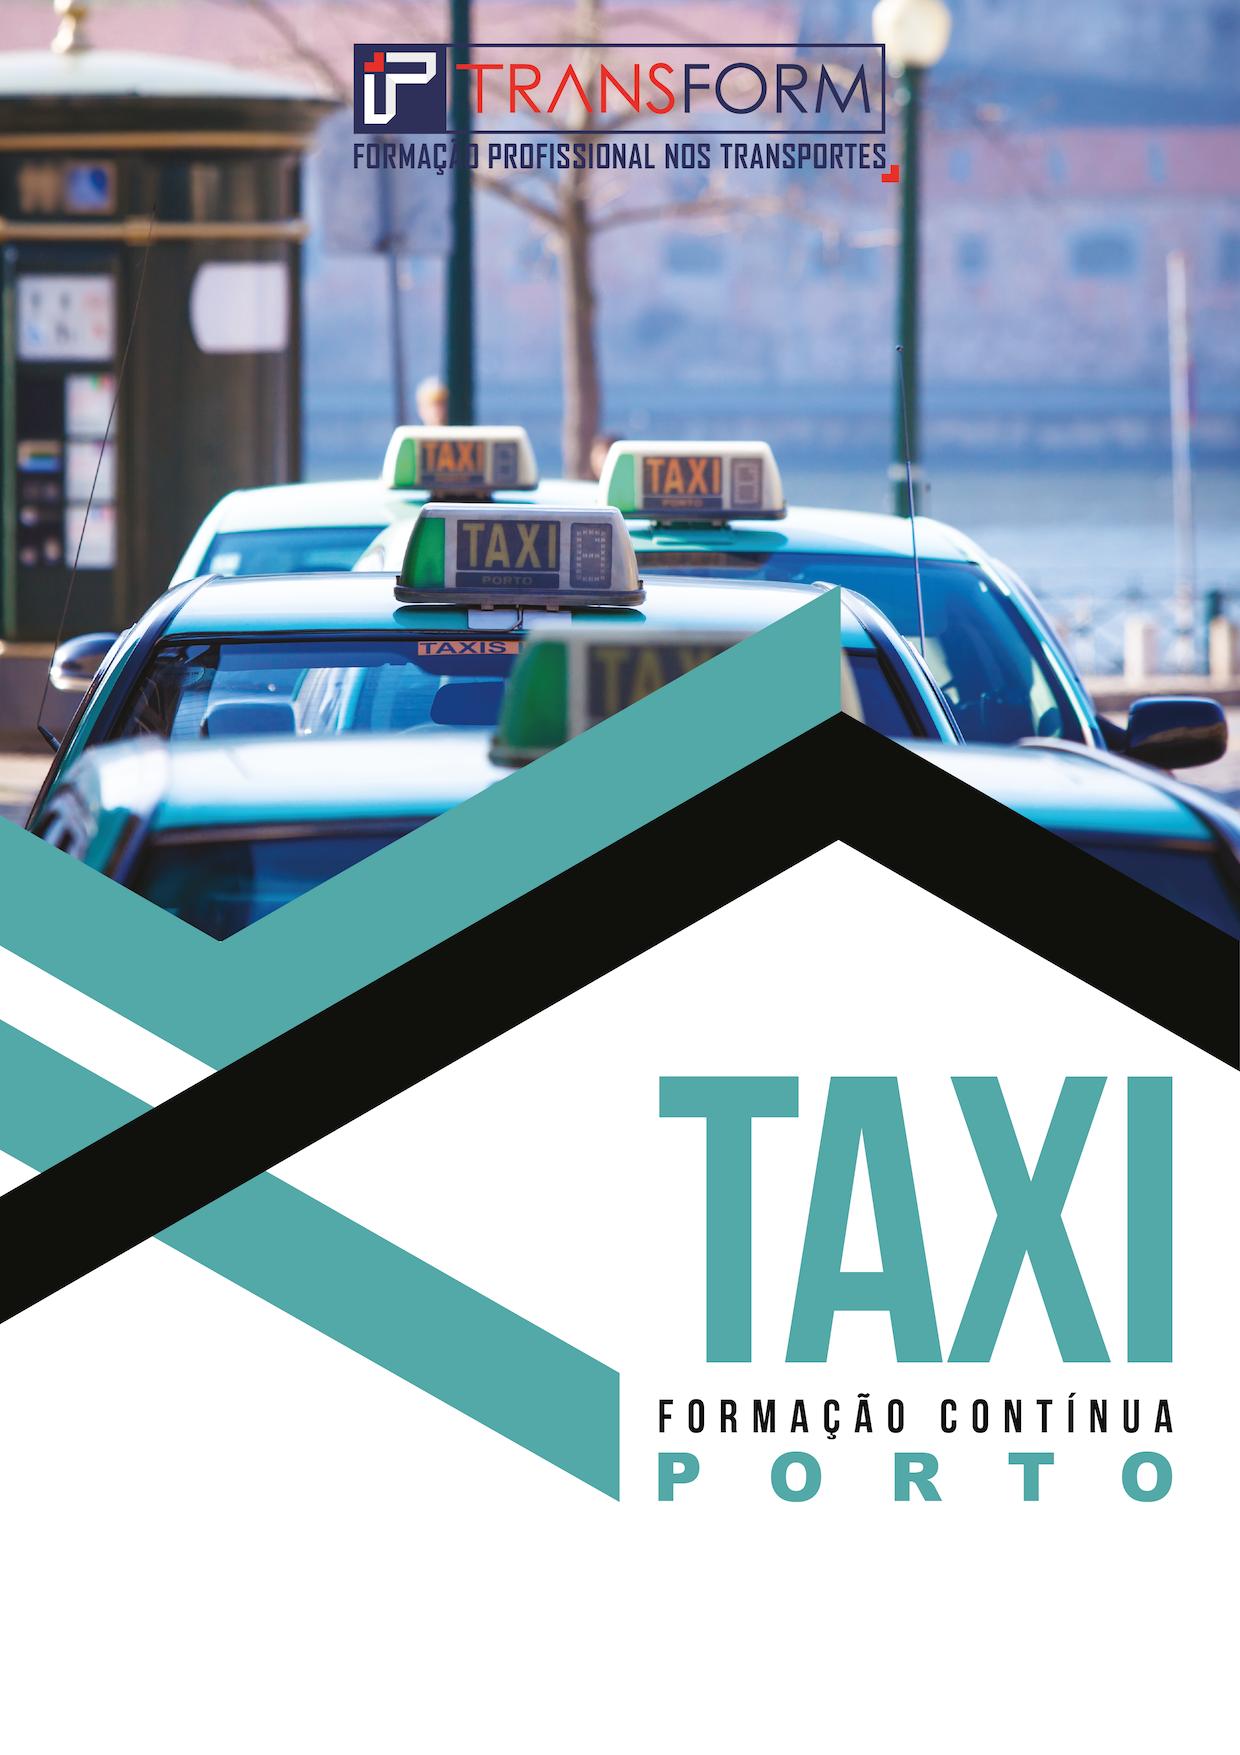 CMT - Certificação de Motorista de Táxi - Formação Contínua 01/20